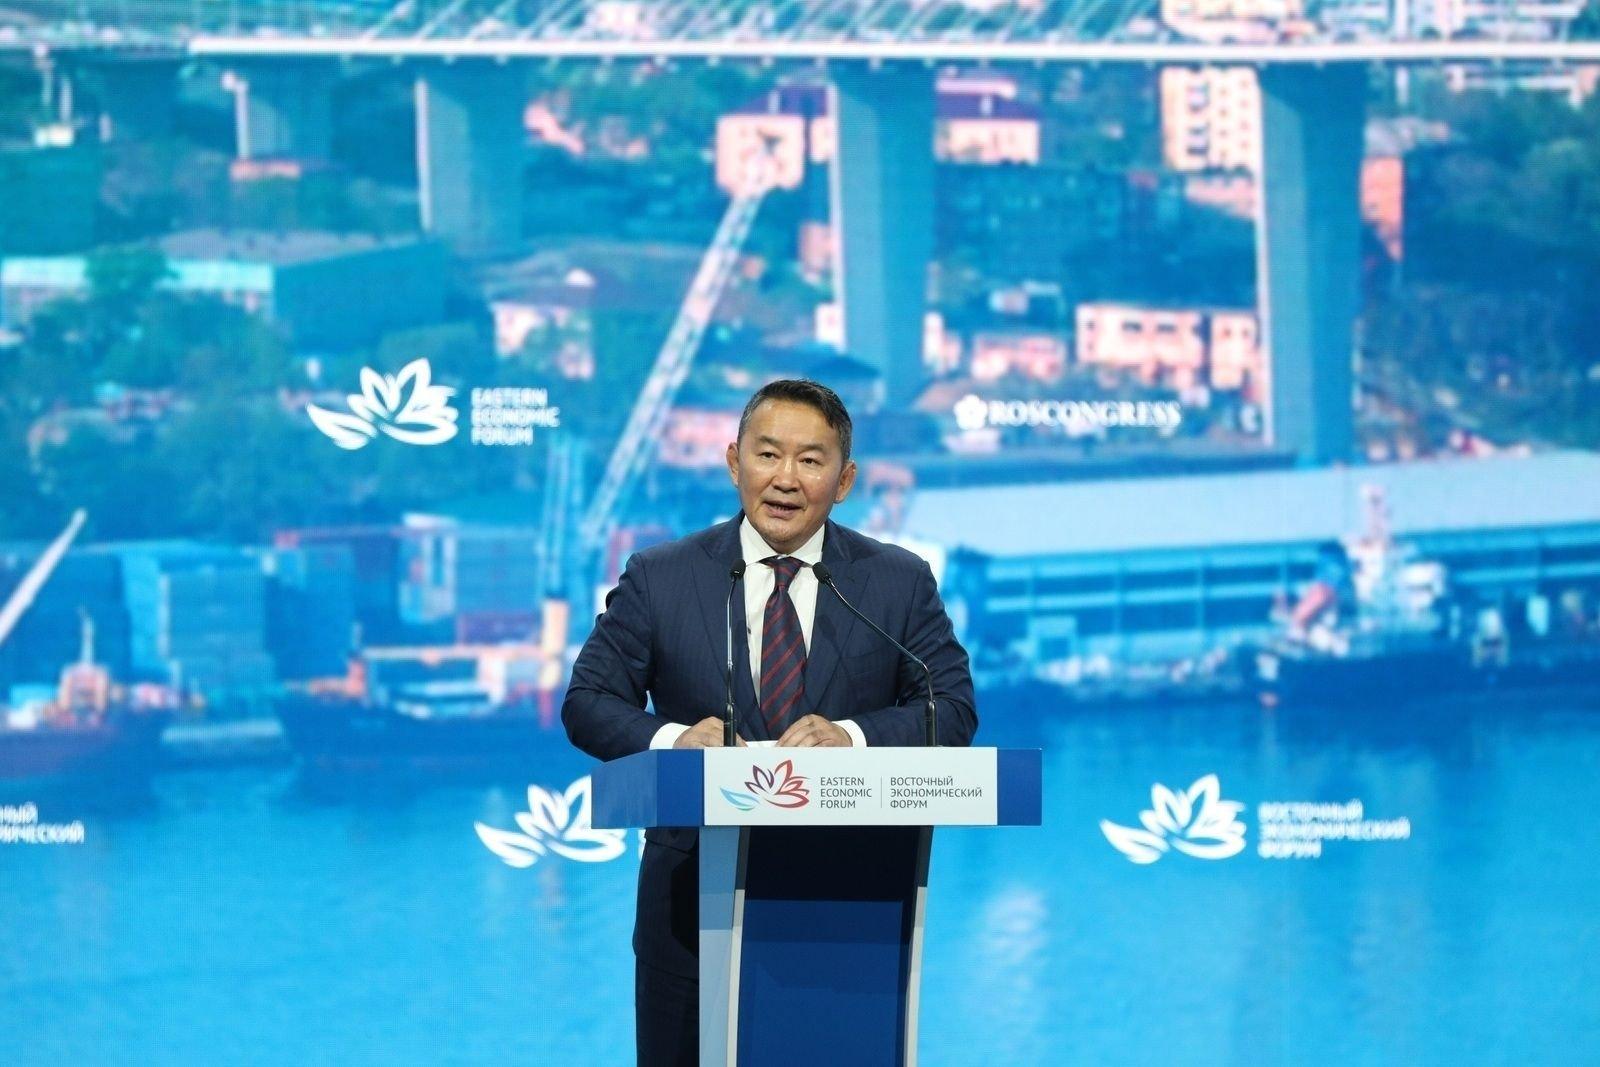 Ерөнхийлөгч Х.Баттулга Дорнын эдийн засгийн чуулганы өргөтгөсөн хуралдааны индрээс үг хэллээ